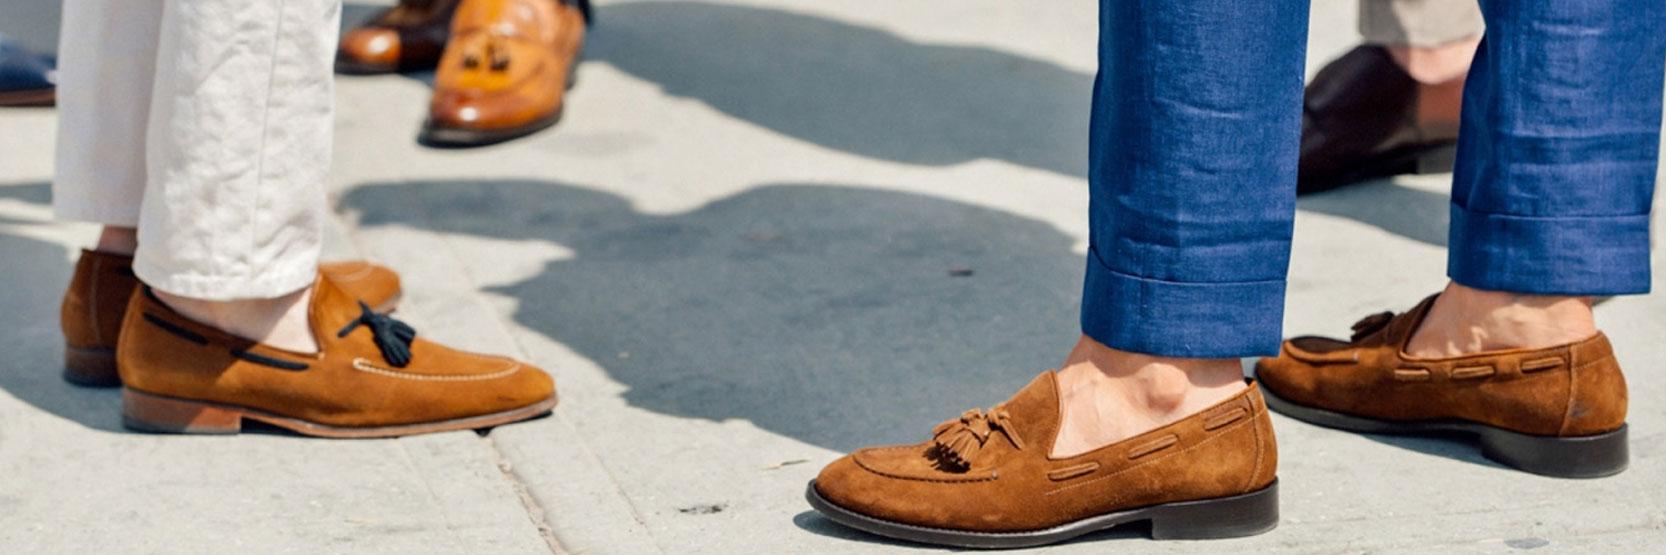 النشأة المعقدة لحذاء الموكاسين